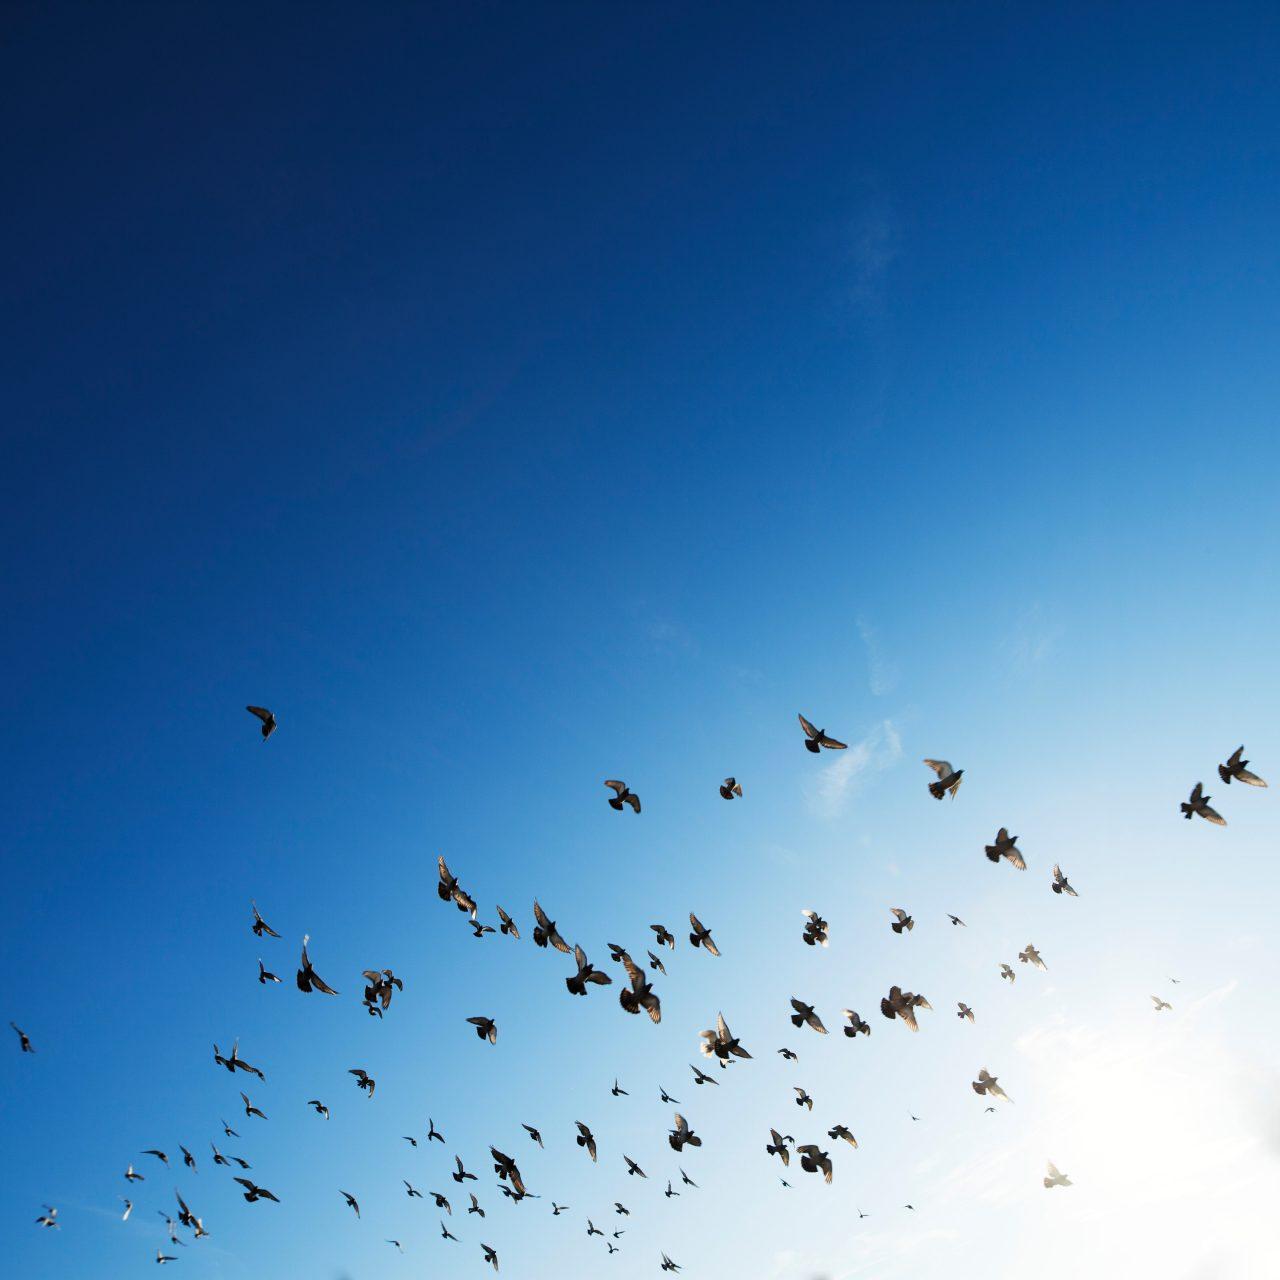 飛び立つ鳥たち